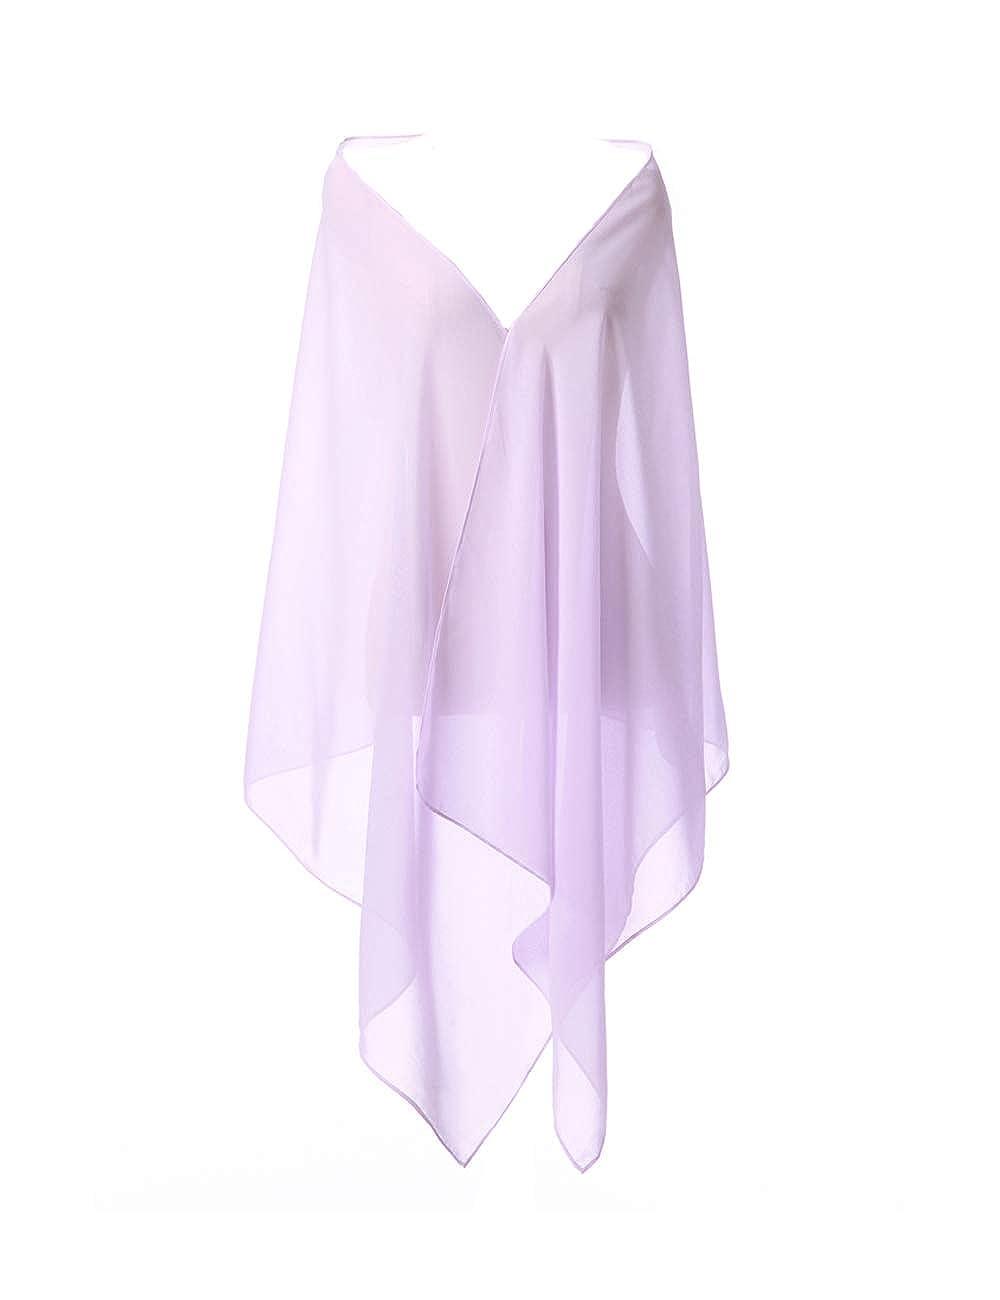 adatta a qualsiasi abito da sposa CoCogirls Stola in chiffon per abiti in diversi colori da gala o ricevimento azzurro Taglia unica da sera da matrimonio